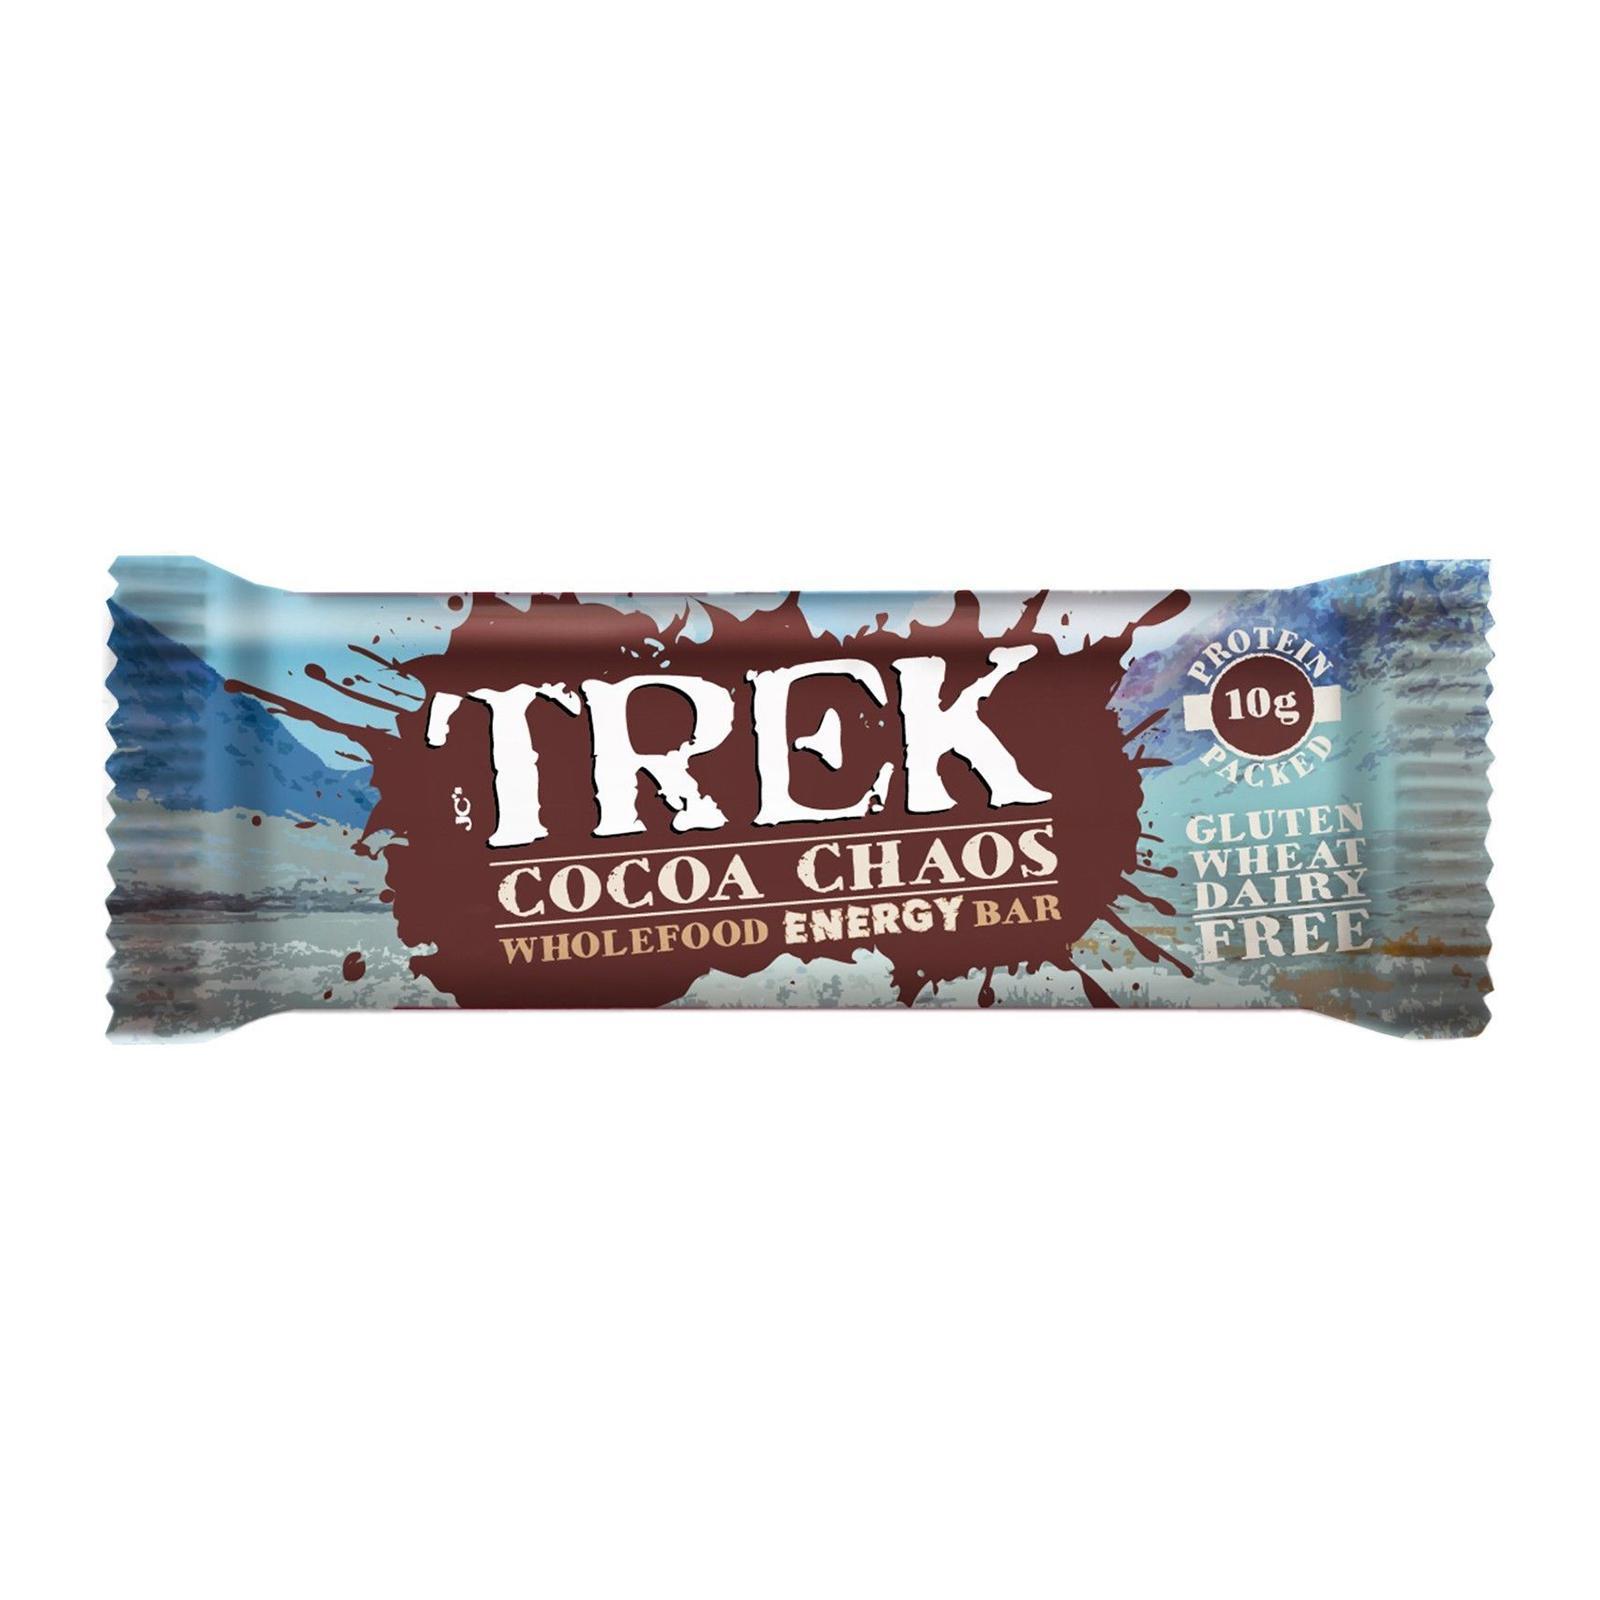 TREK 55 G Cocoa Chaos Energy Bar